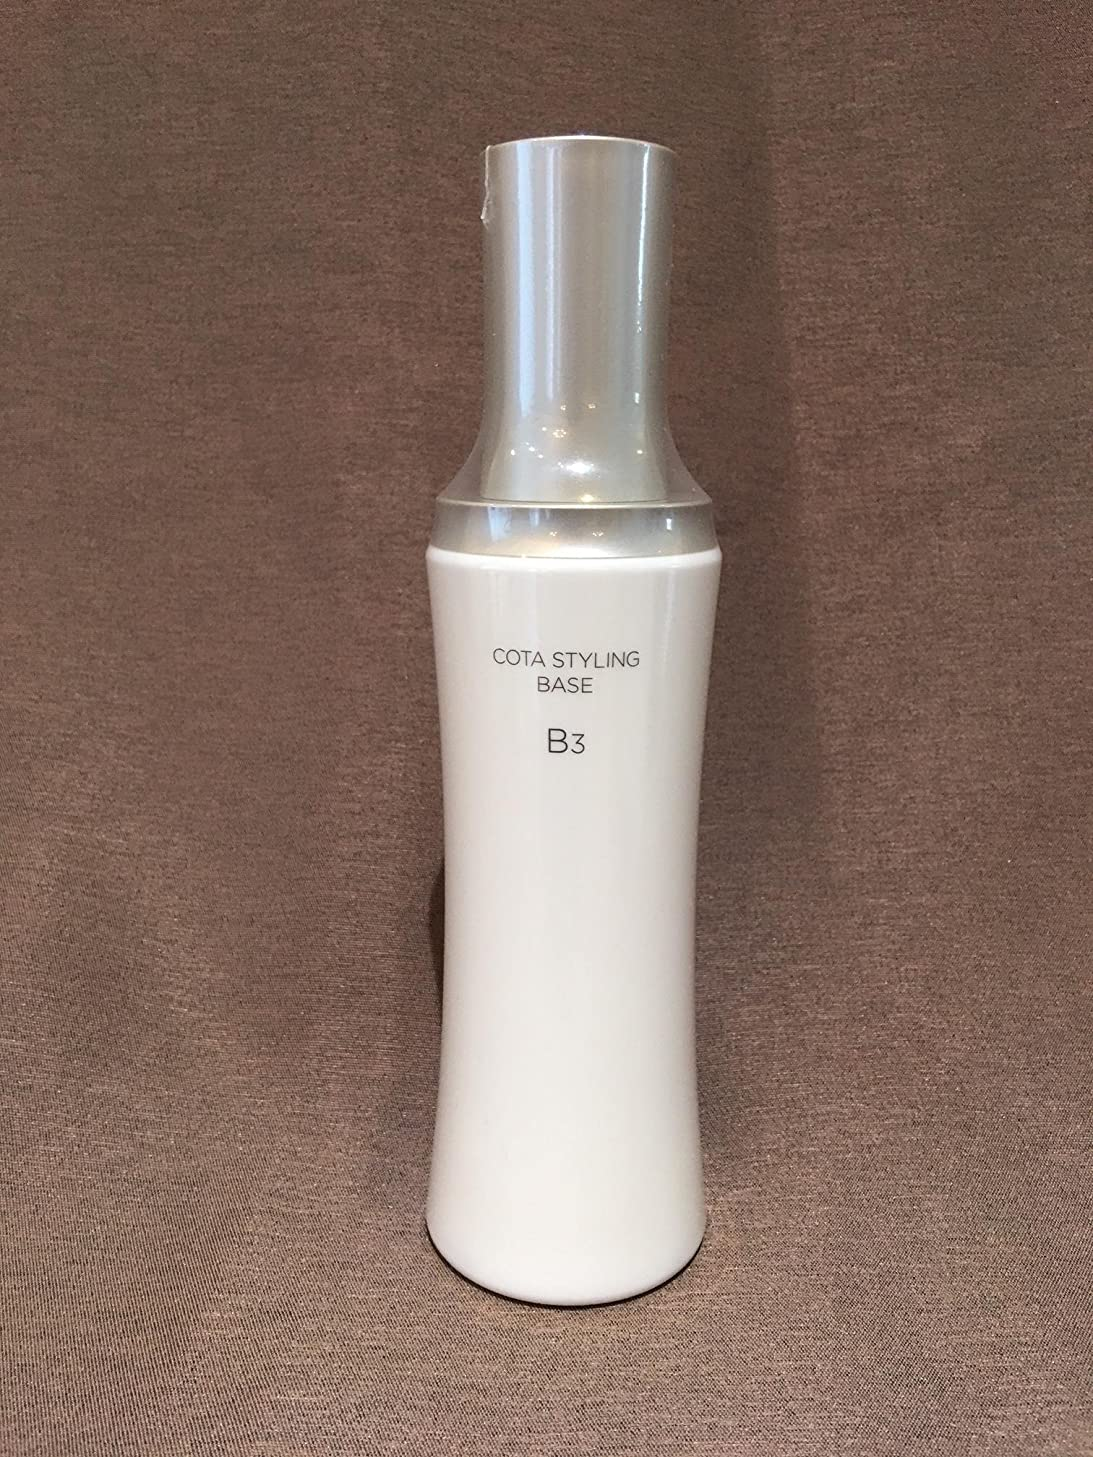 発見するナイトスポット専らコタスタイリング ベース B3 200g